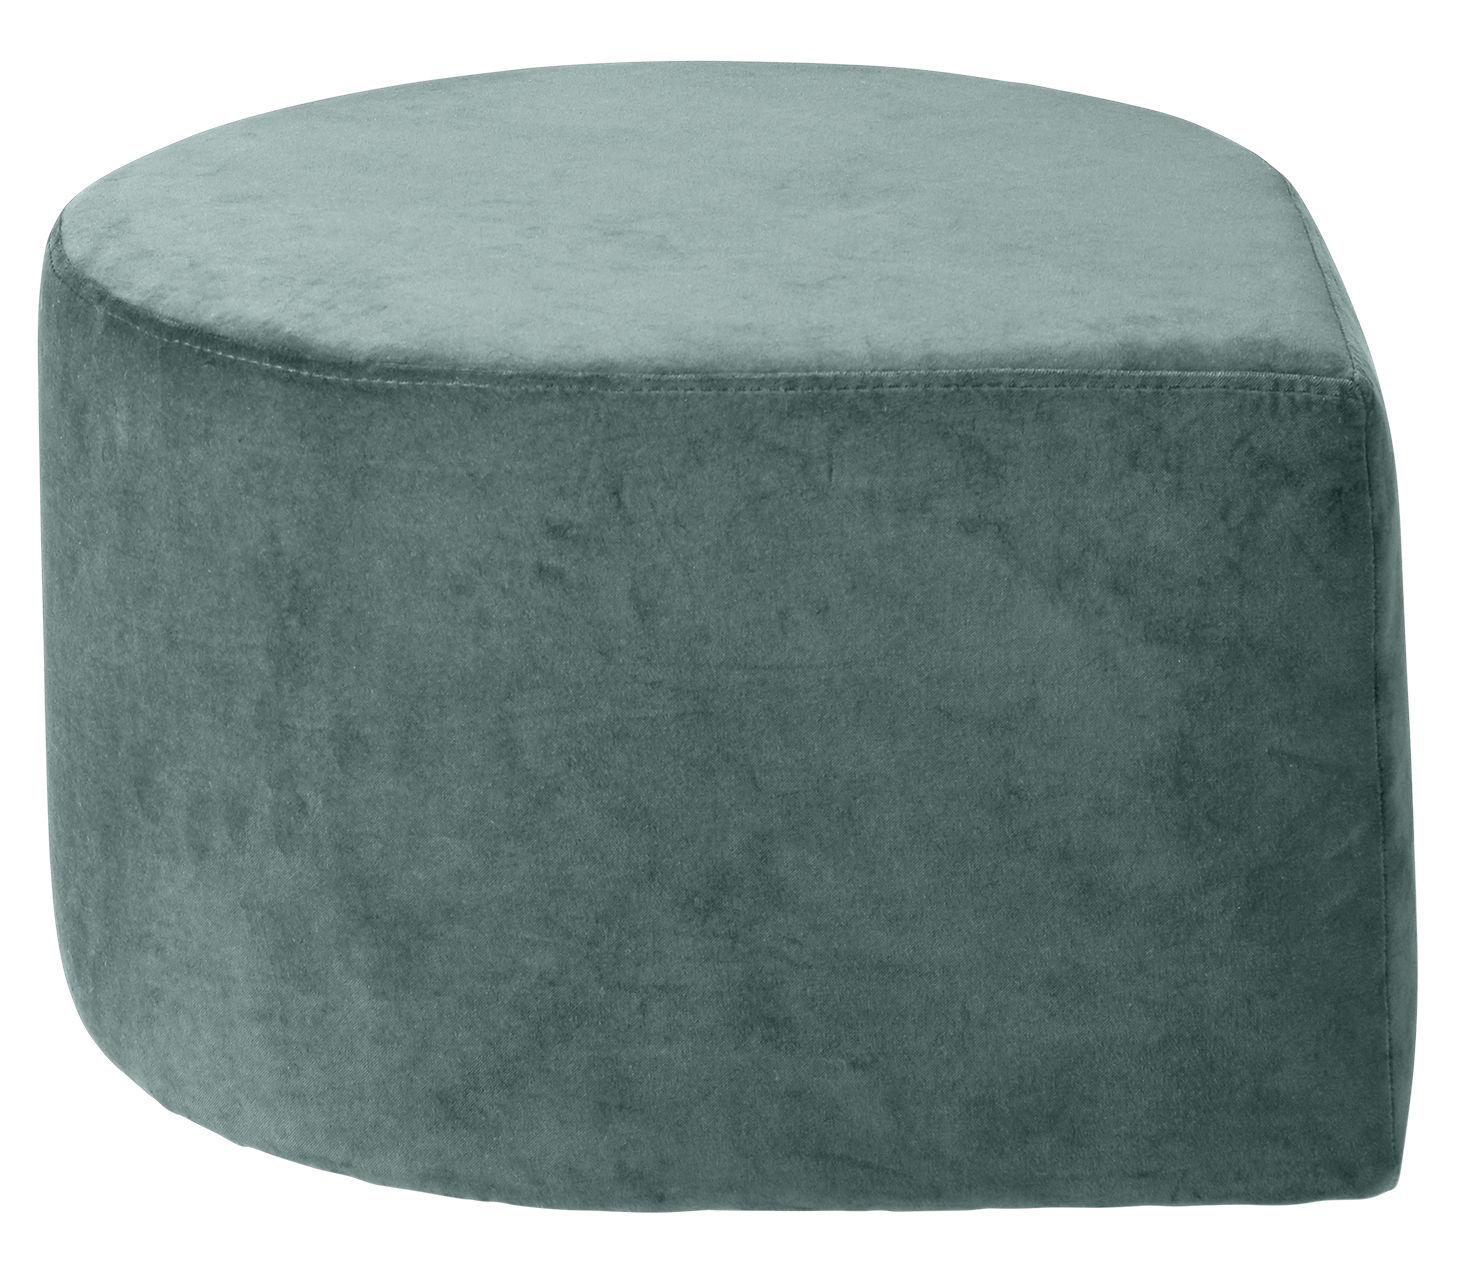 Furniture - Poufs & Floor Cushions - Stilla Pouf - / Velvet by AYTM - Antique green - Velvet